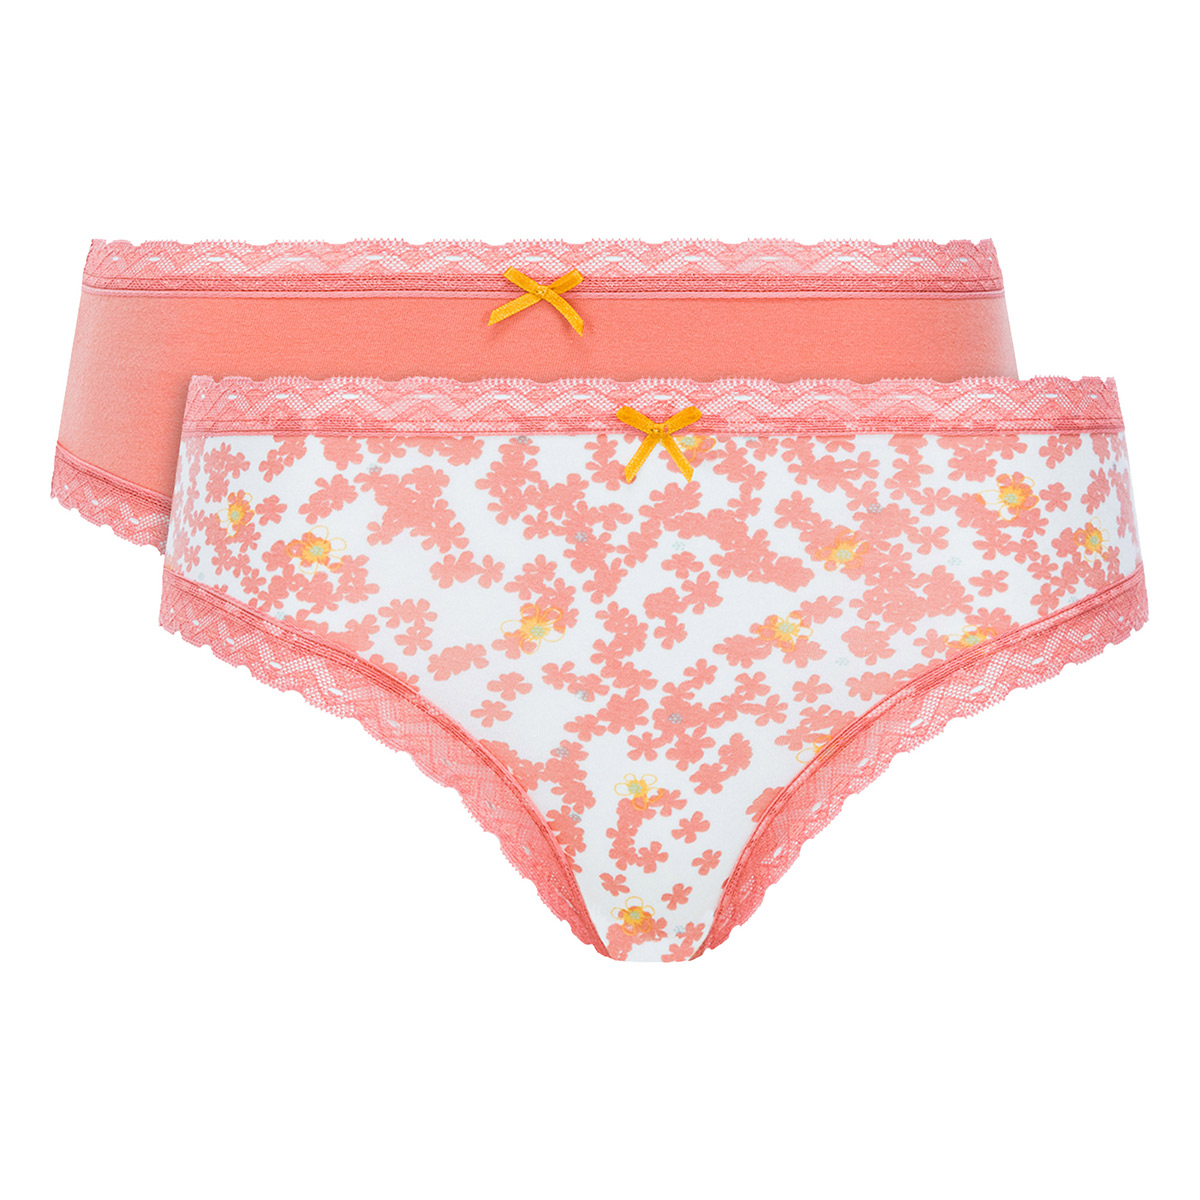 Pacco da 2 mutande in cotone arancione uniforme e stampato - Cotton Fancy - PLAYTEX